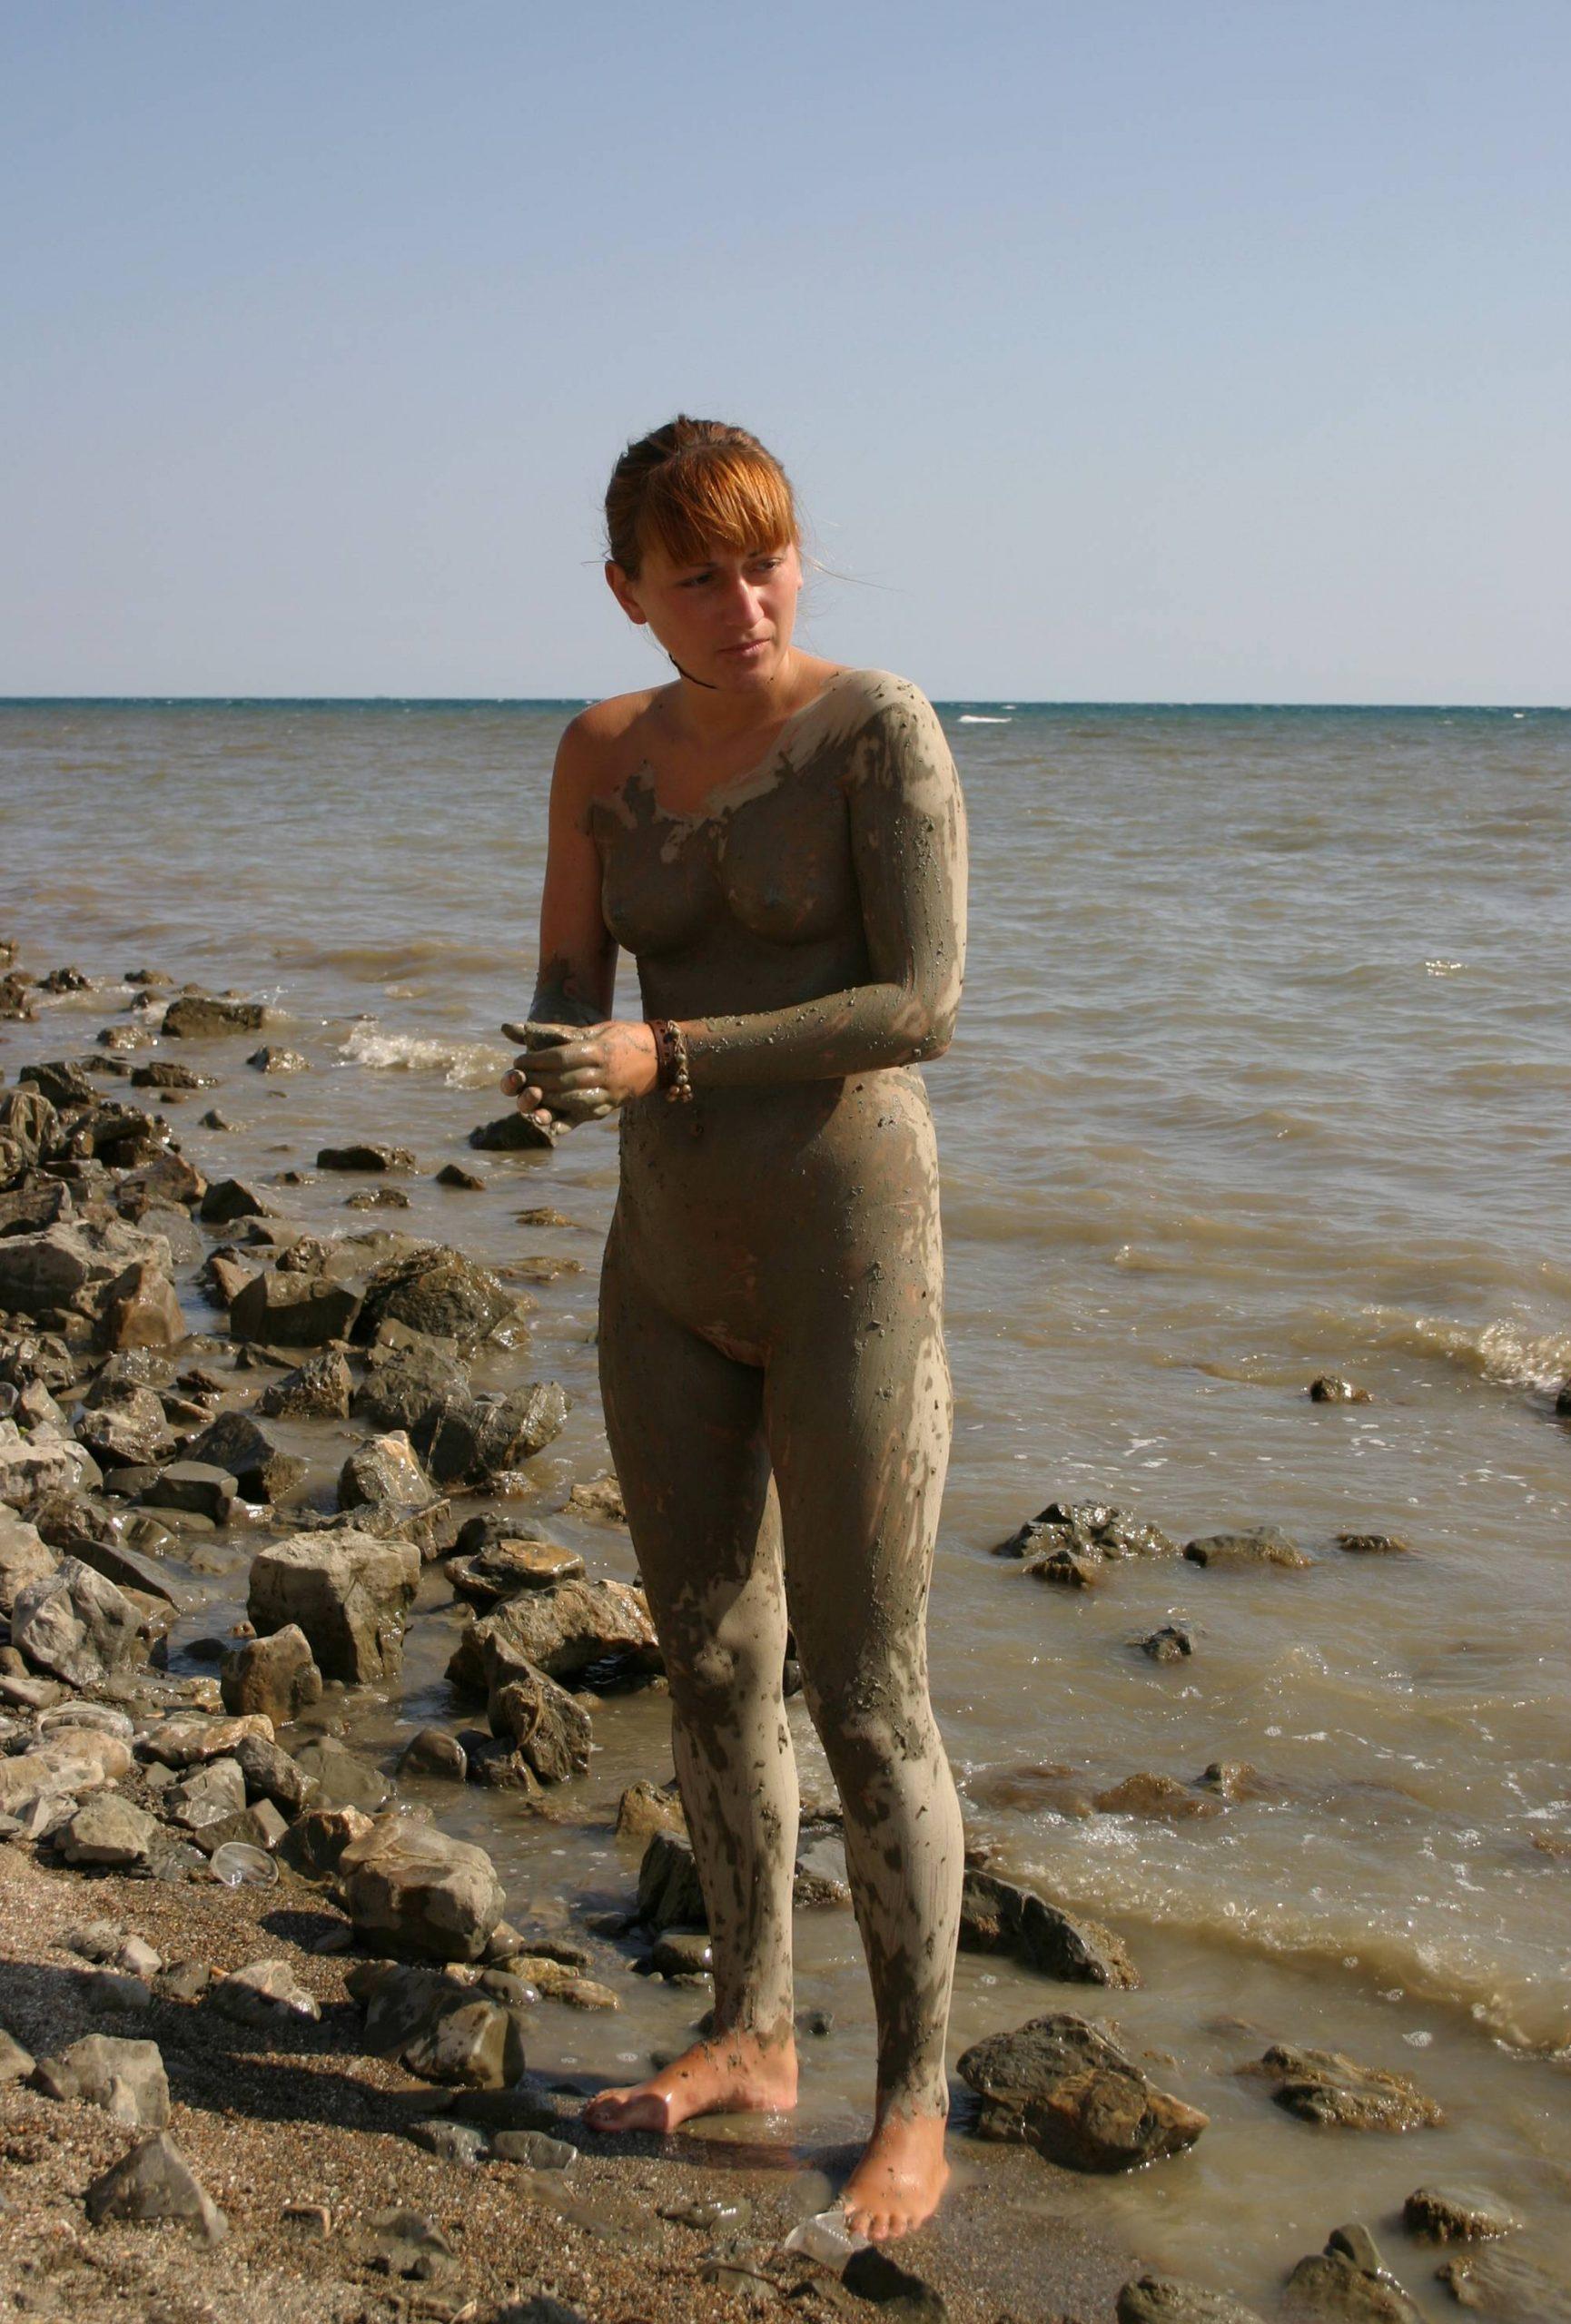 Pure Nudism Photos-Muddy Beach Play Profiles - 3